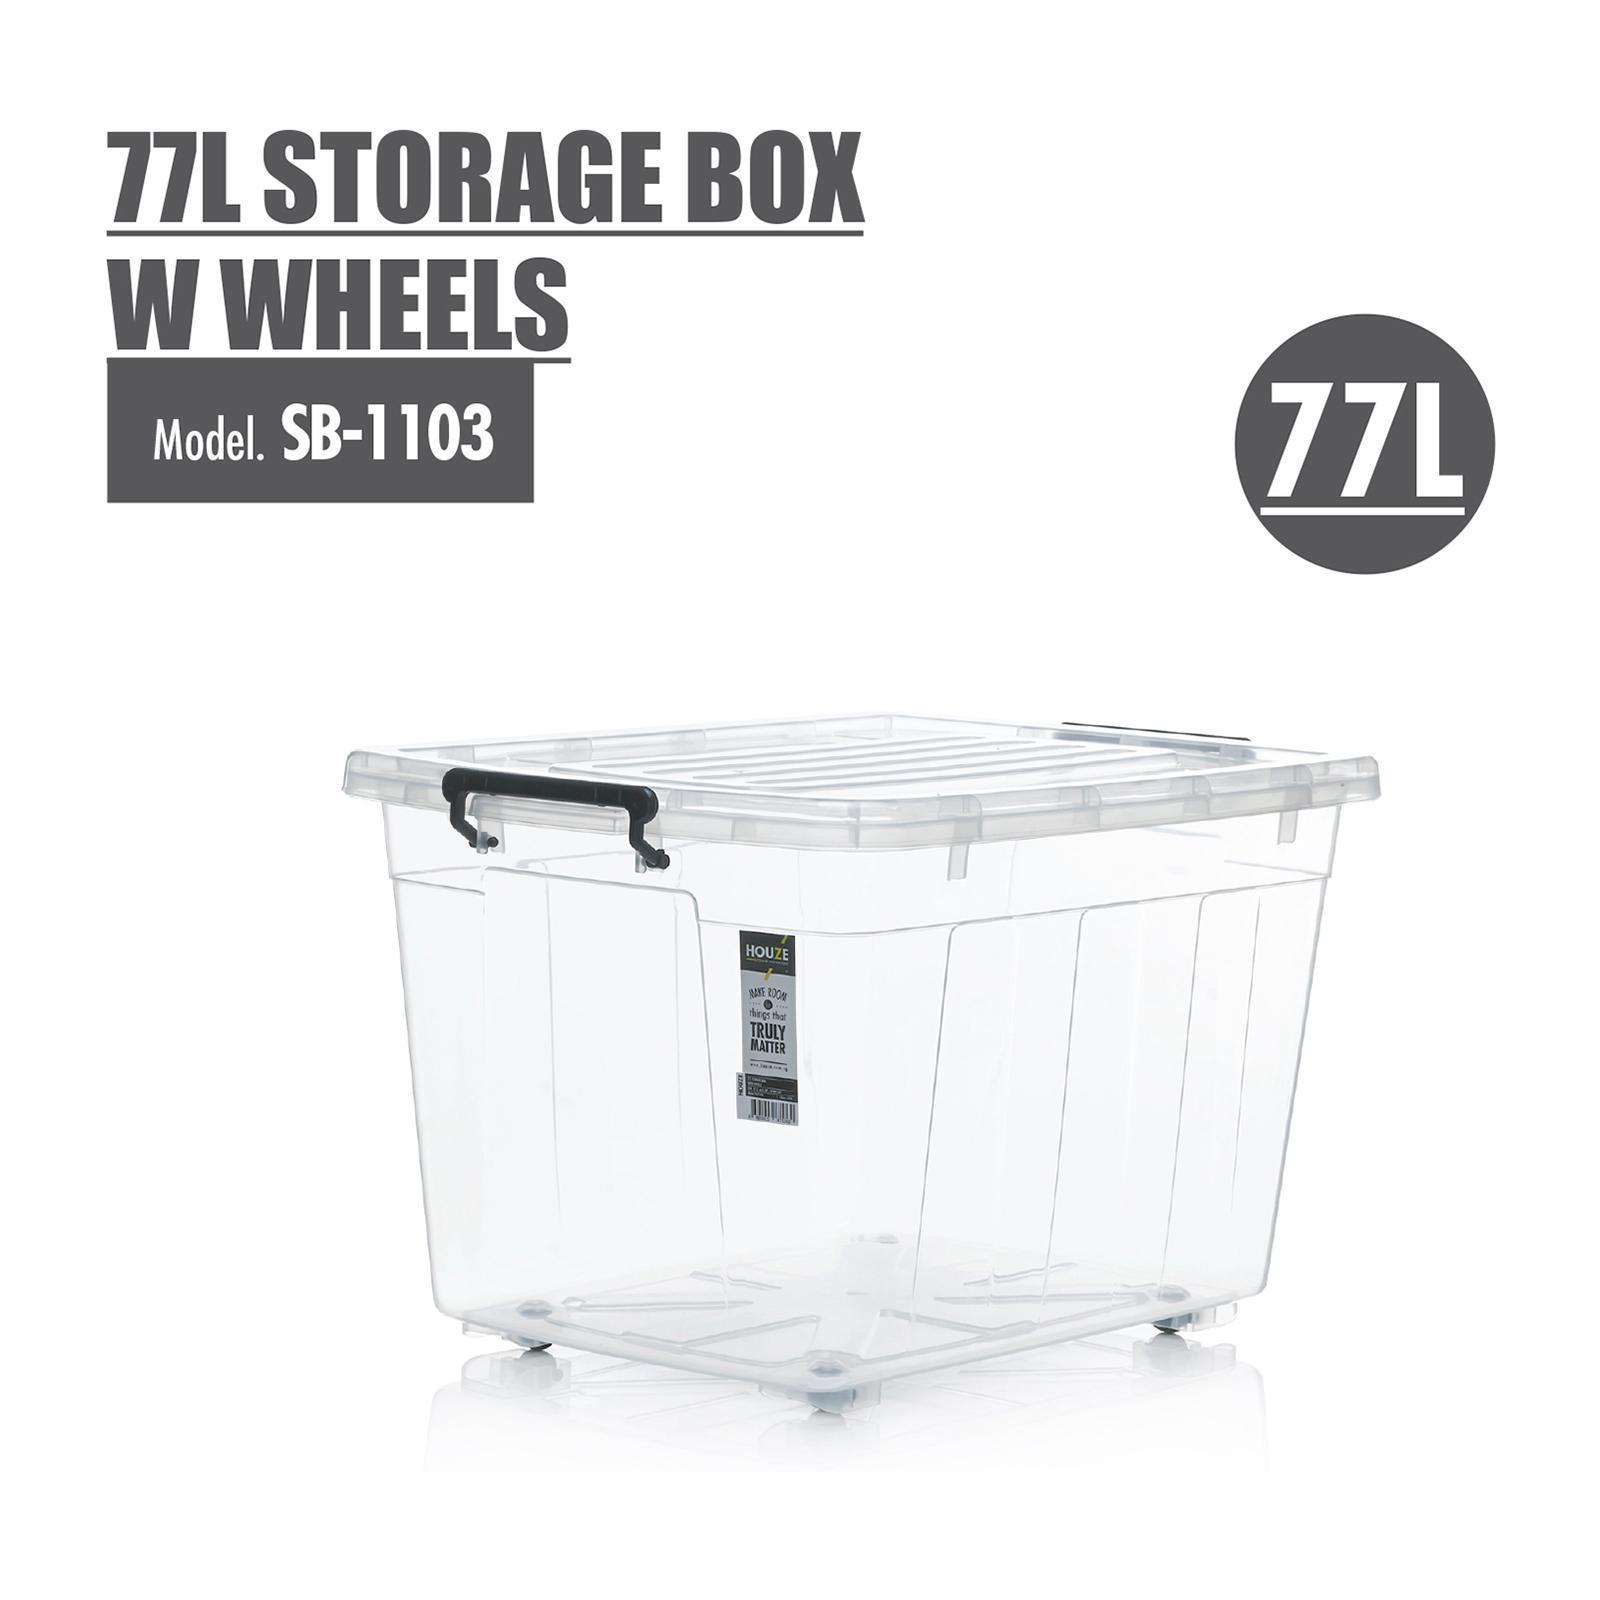 HOUZE Storage Box With Wheels